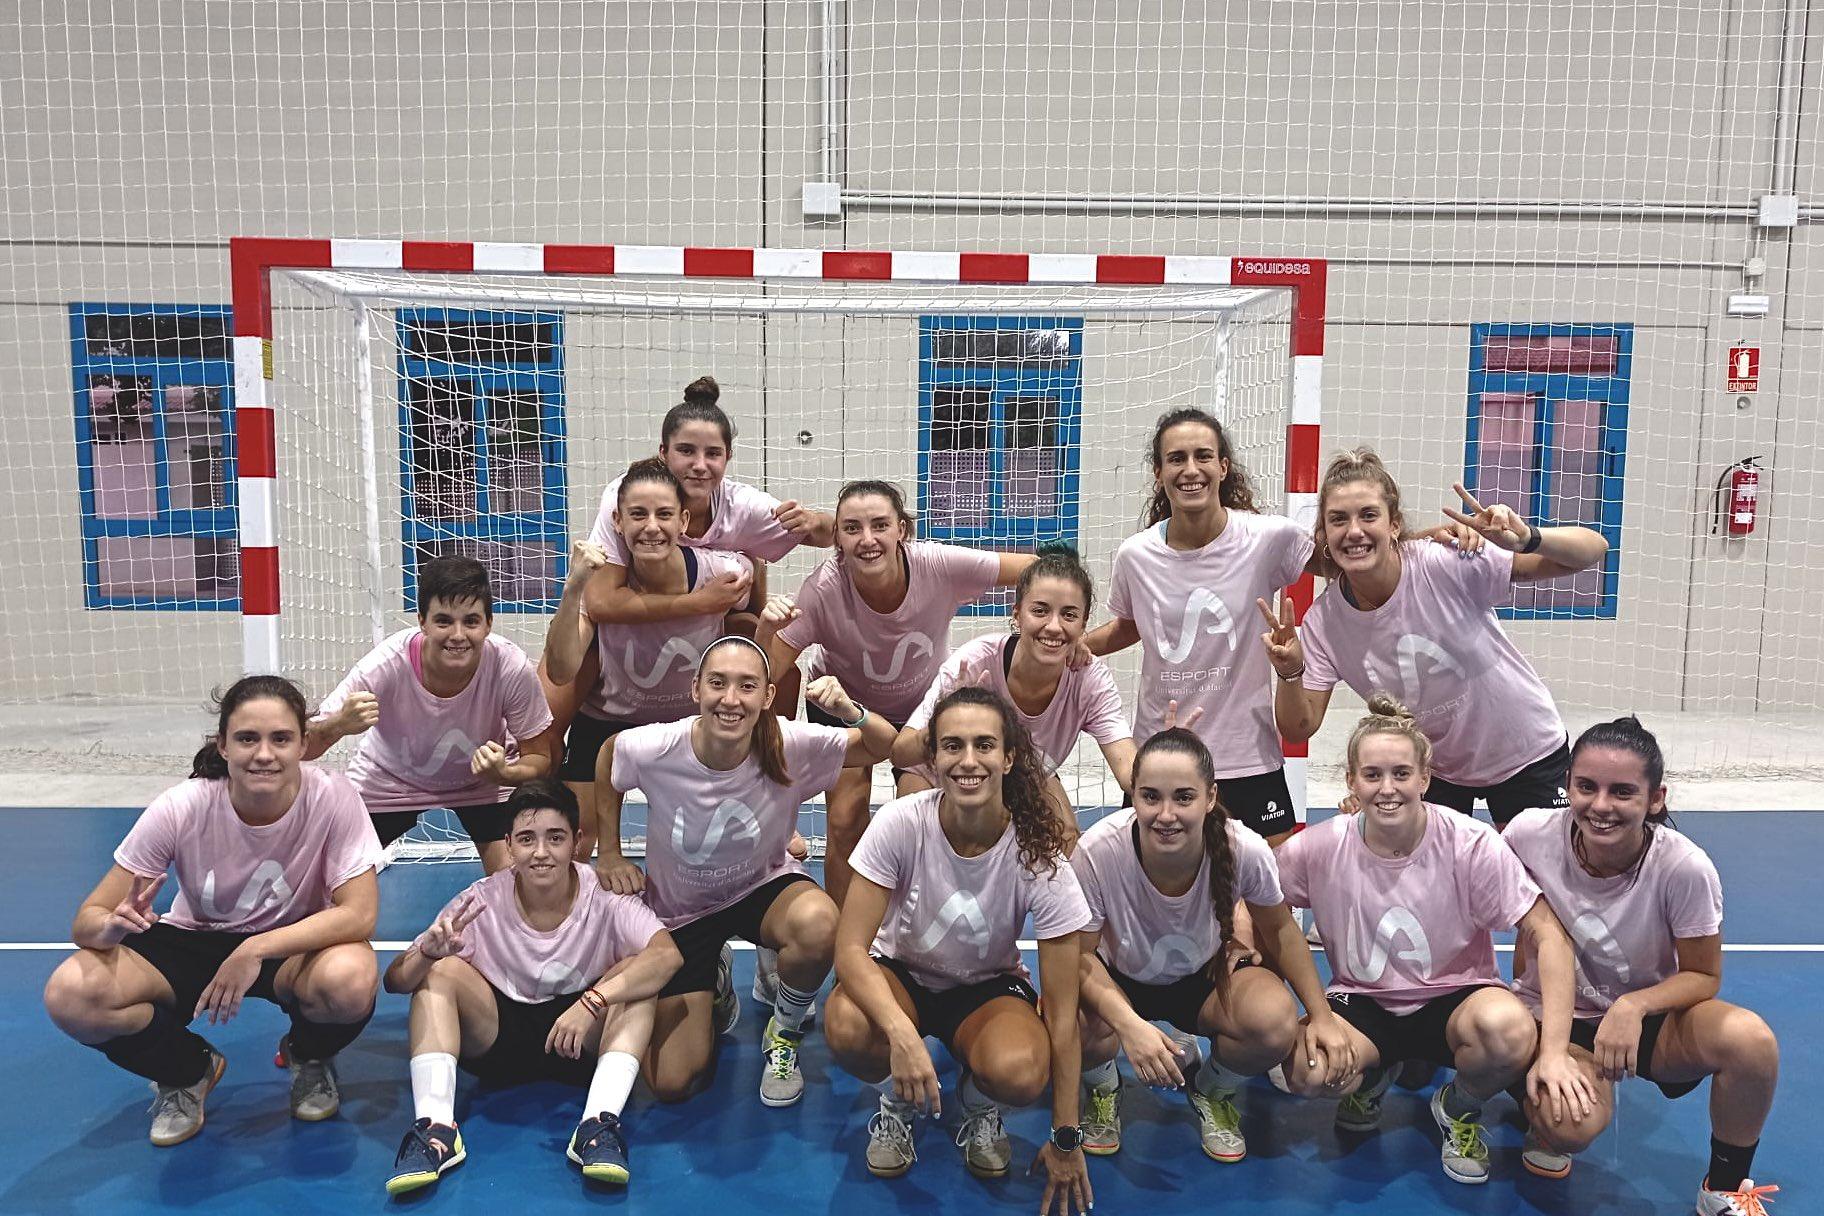 Resumen del Partido: Universidad de Alicante - Rayo Majadahonda FS. 1ª División. Jornada 2ª